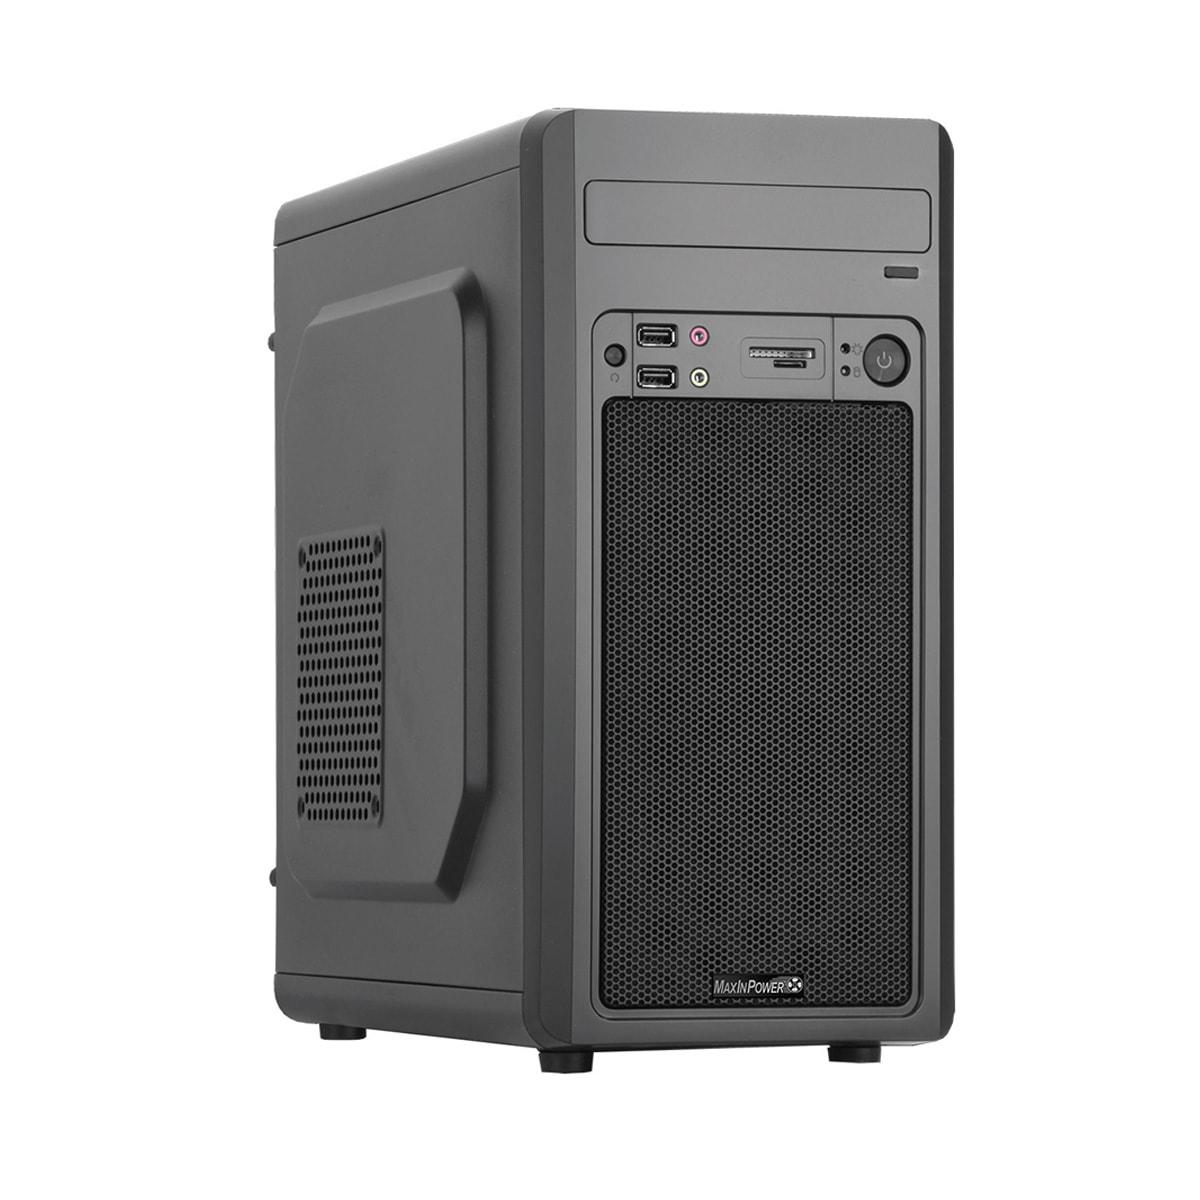 MaxInPower mT/480W/mATX/USB3.0 Noir - Boîtier PC MaxInPower - 0